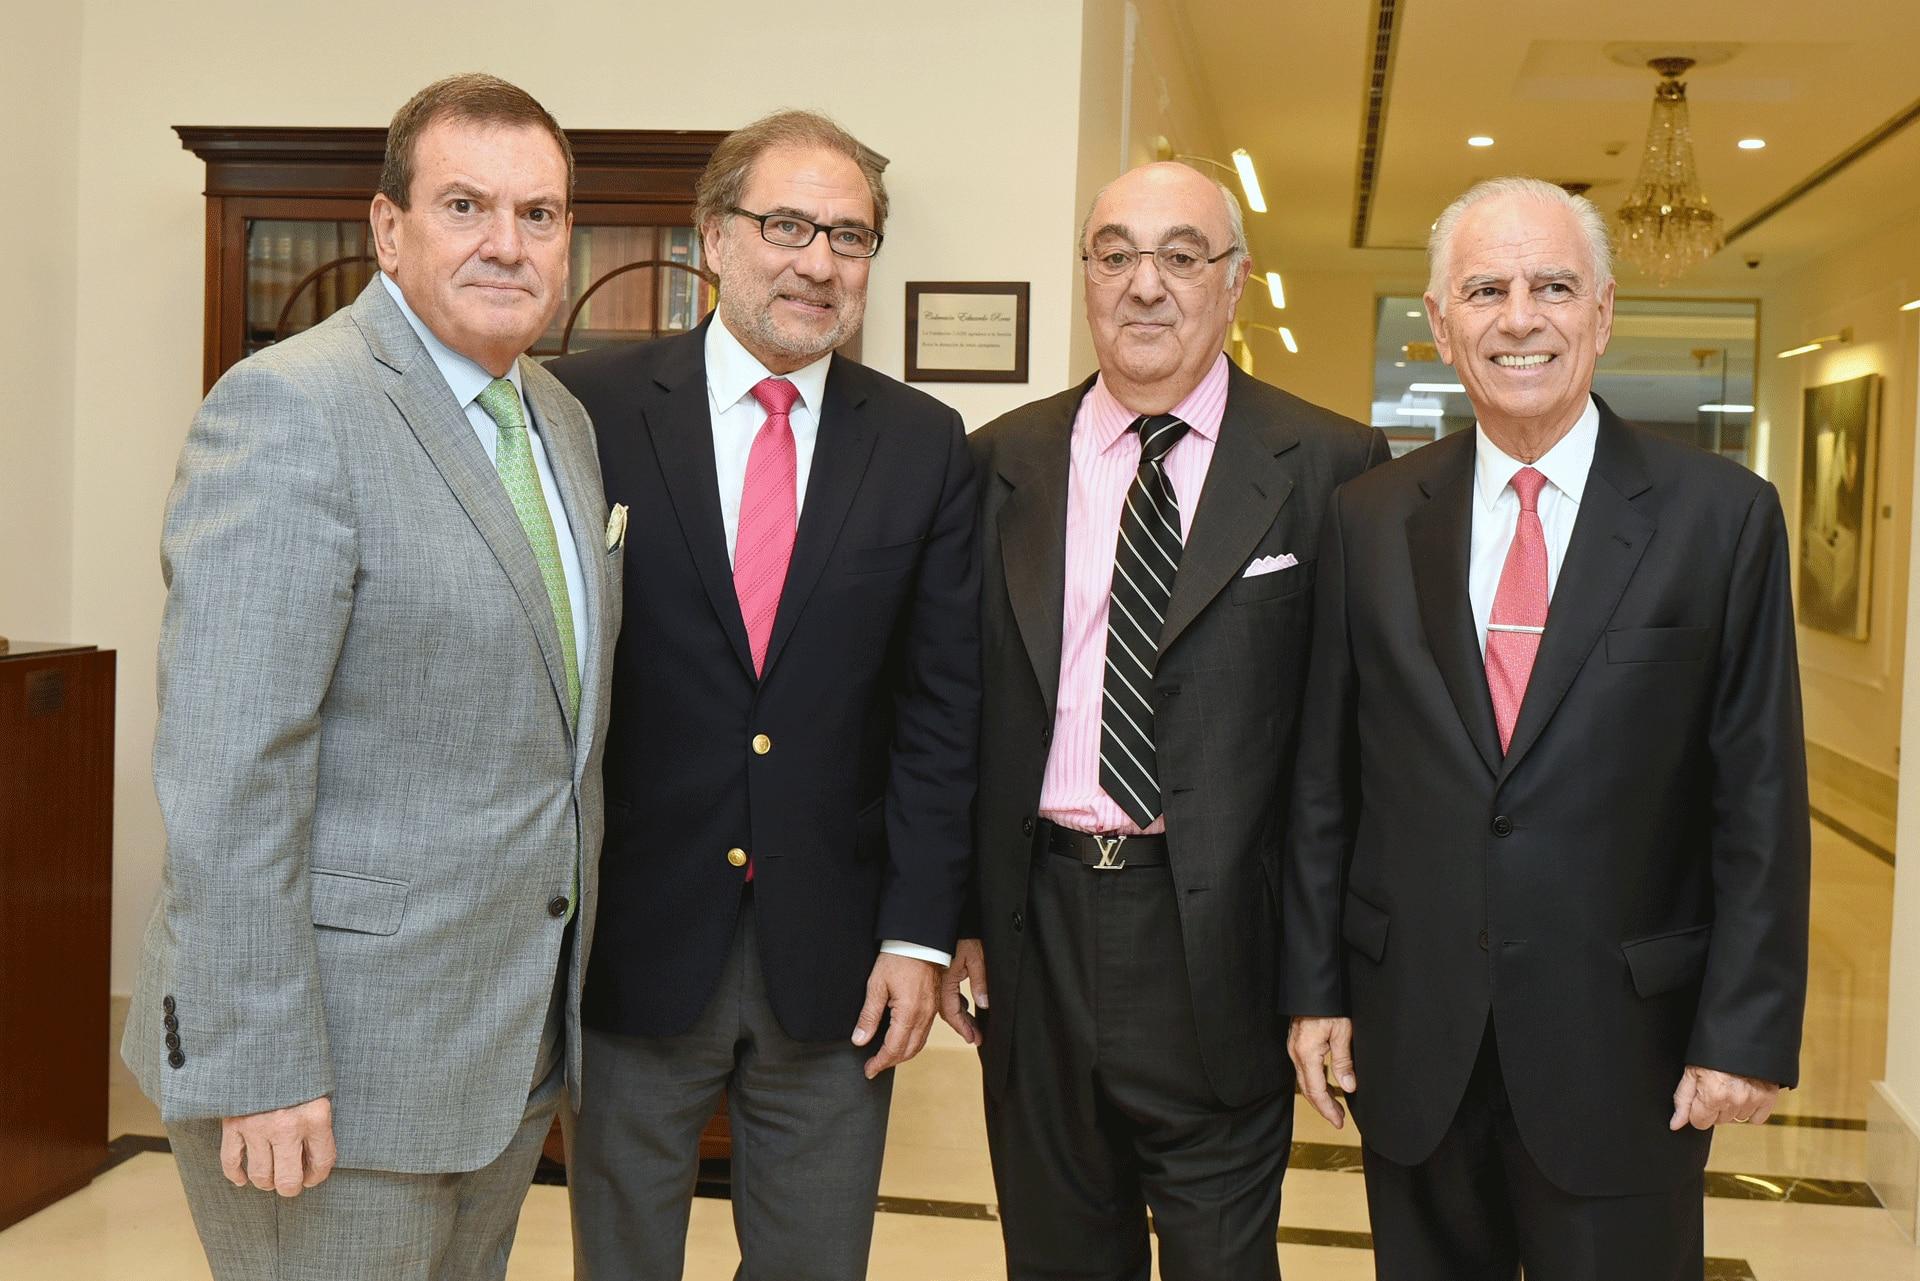 Héctor Masoero, Jorge Argüello, Jorge Aufiero y Alejandro Bulgheroni